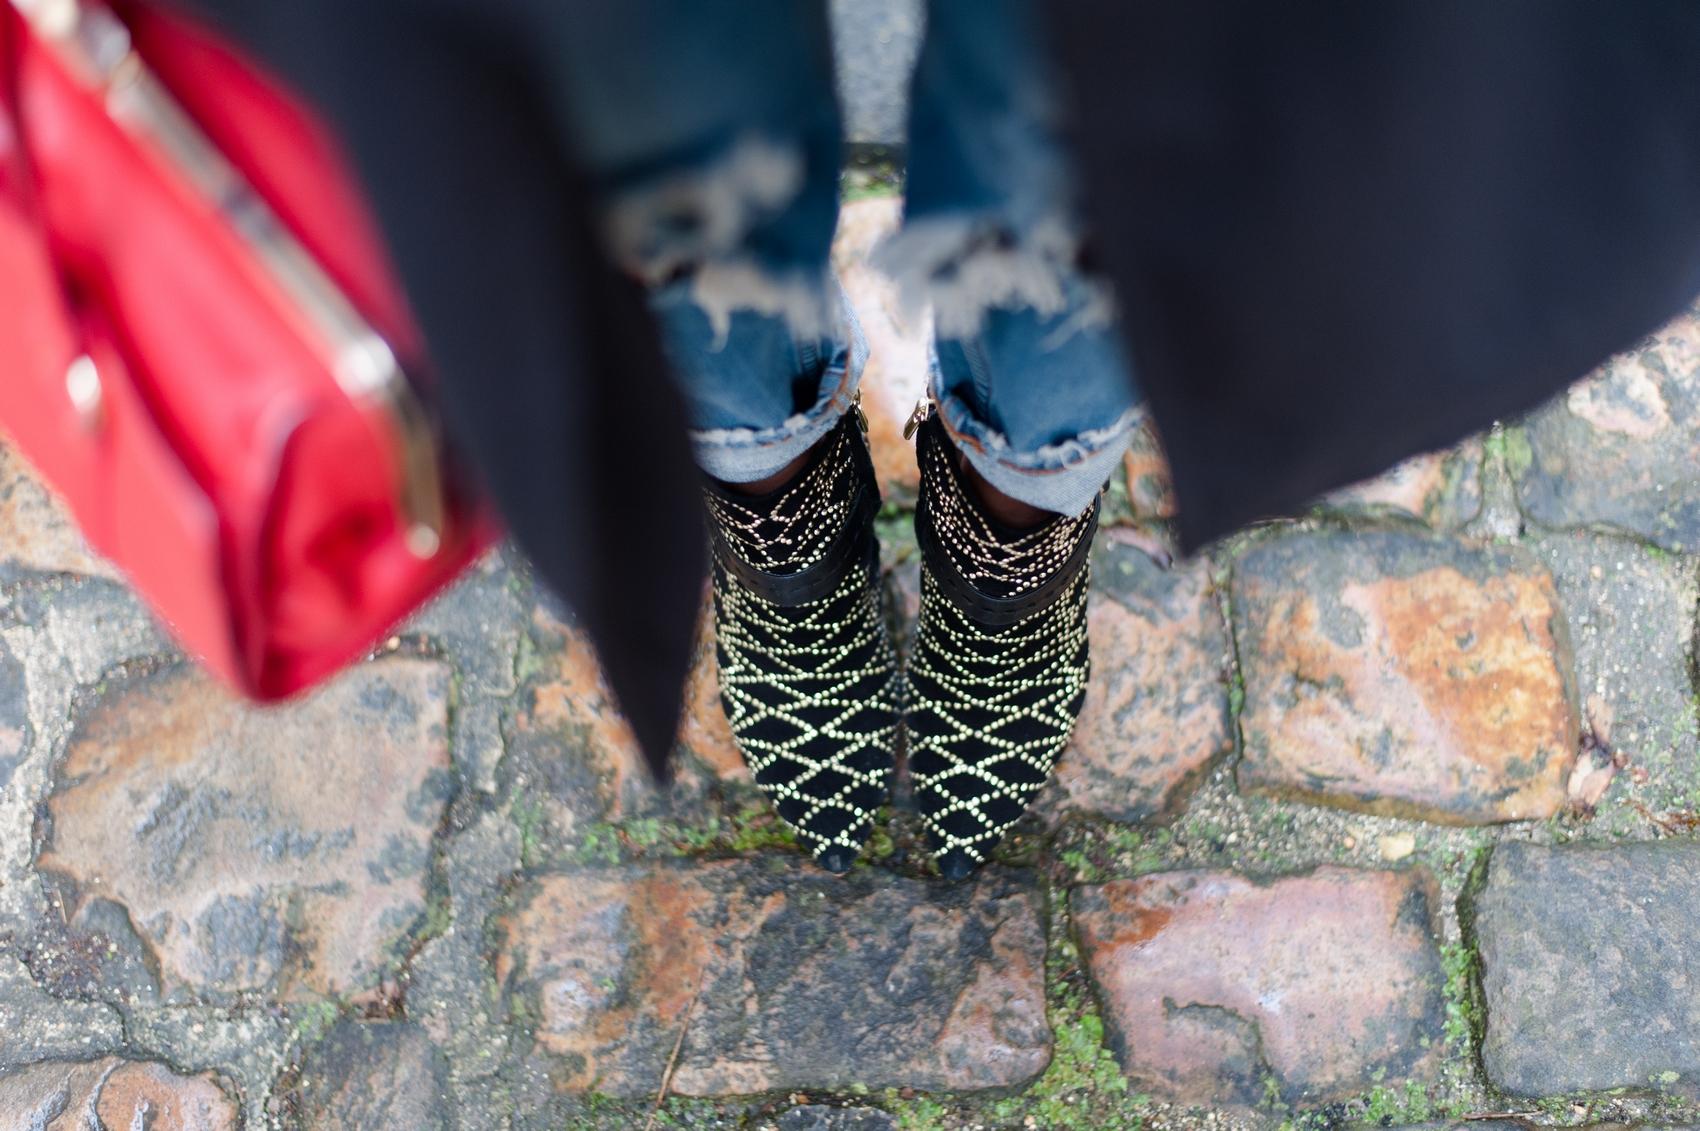 bottines cloutées sam edelman sac à main rouge zara jeans destroy